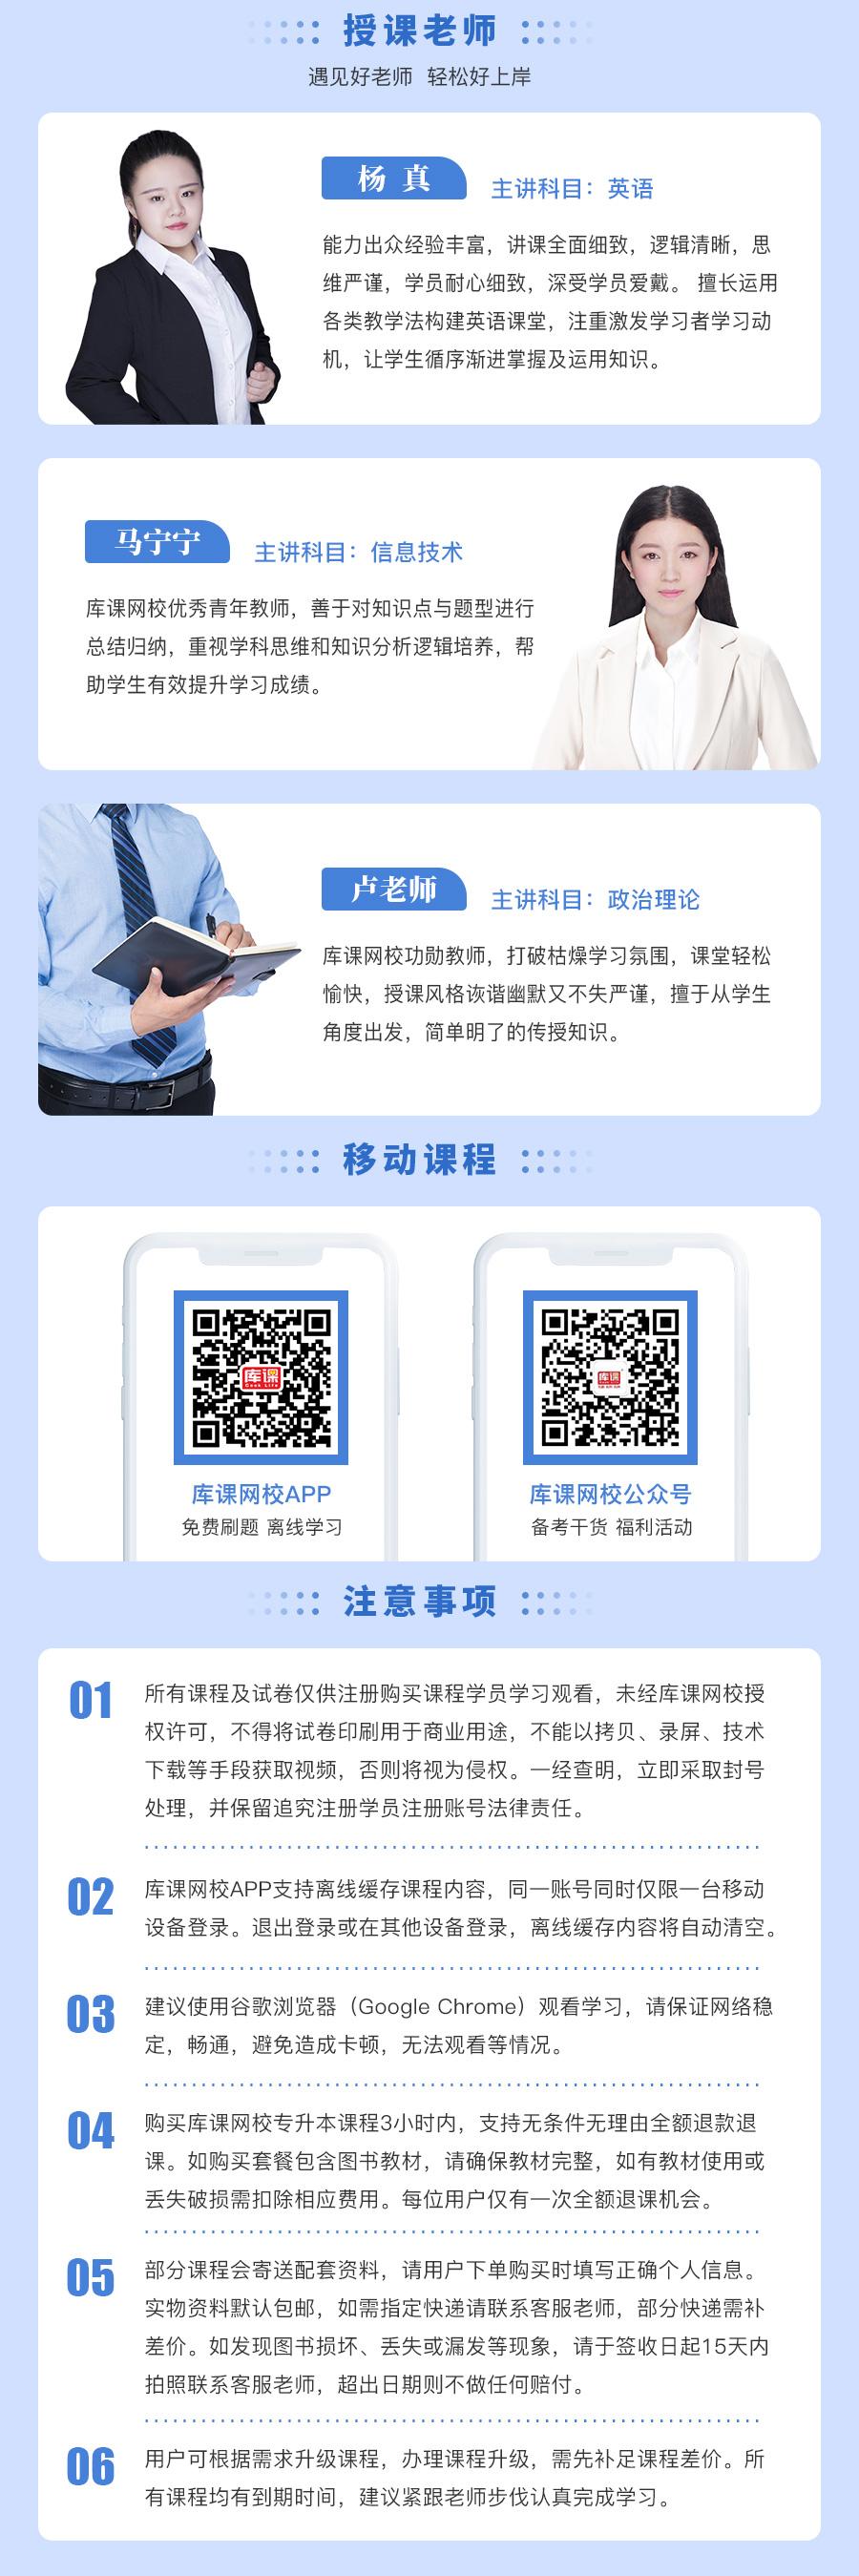 江西-全科-英语+管理学+政治理论+信息技术_05.jpg